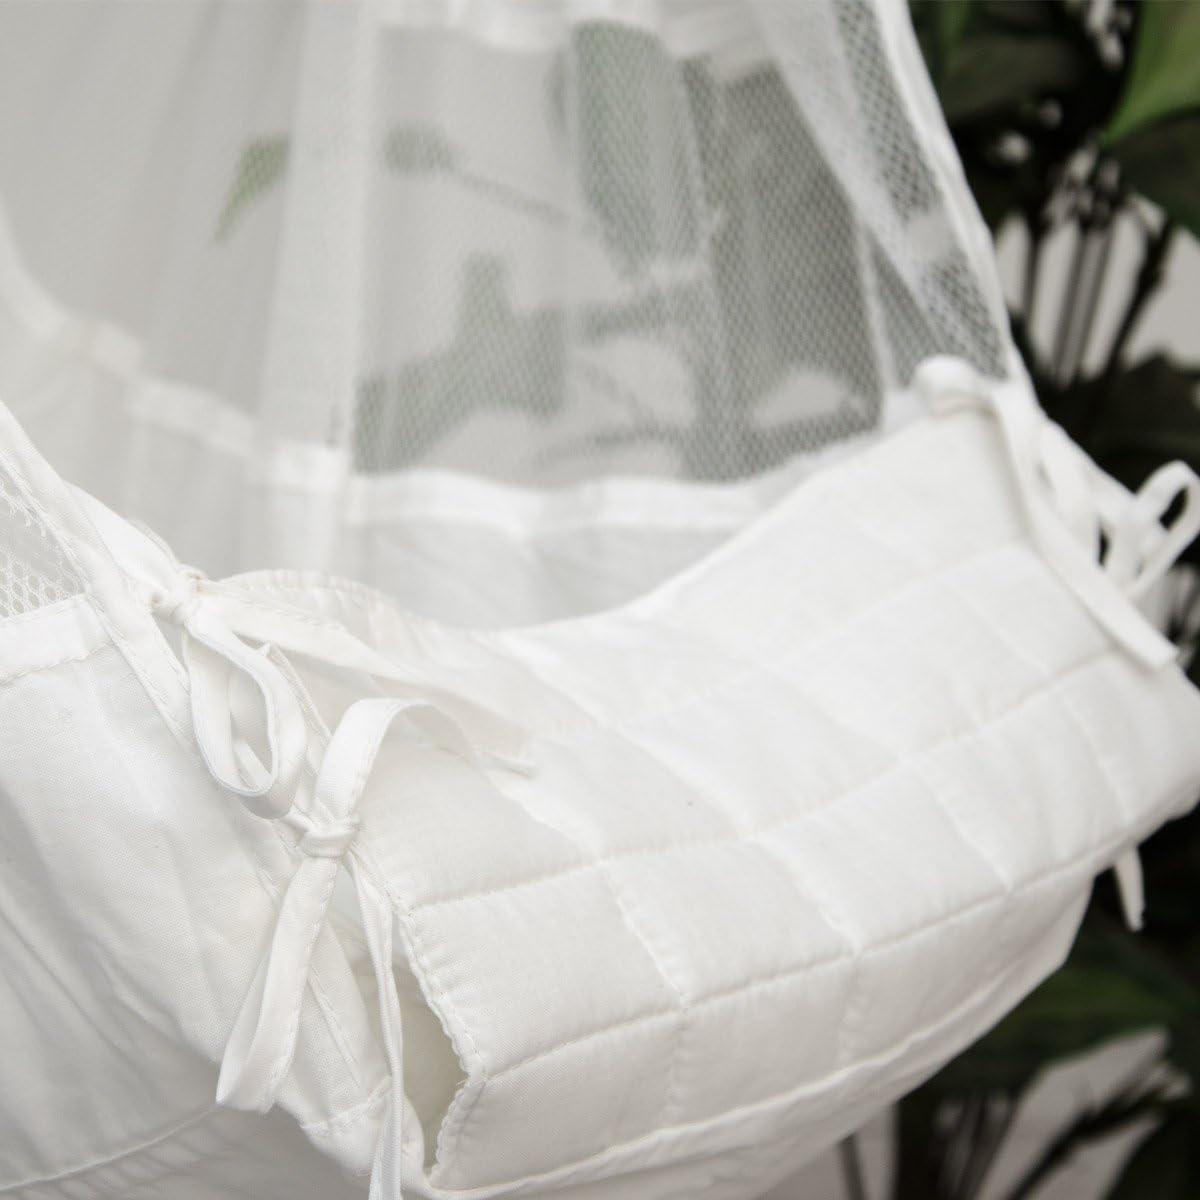 DuneDesign Hamaca para Beb/é 70x36x94cm cuna silla colgante infantil Blanco